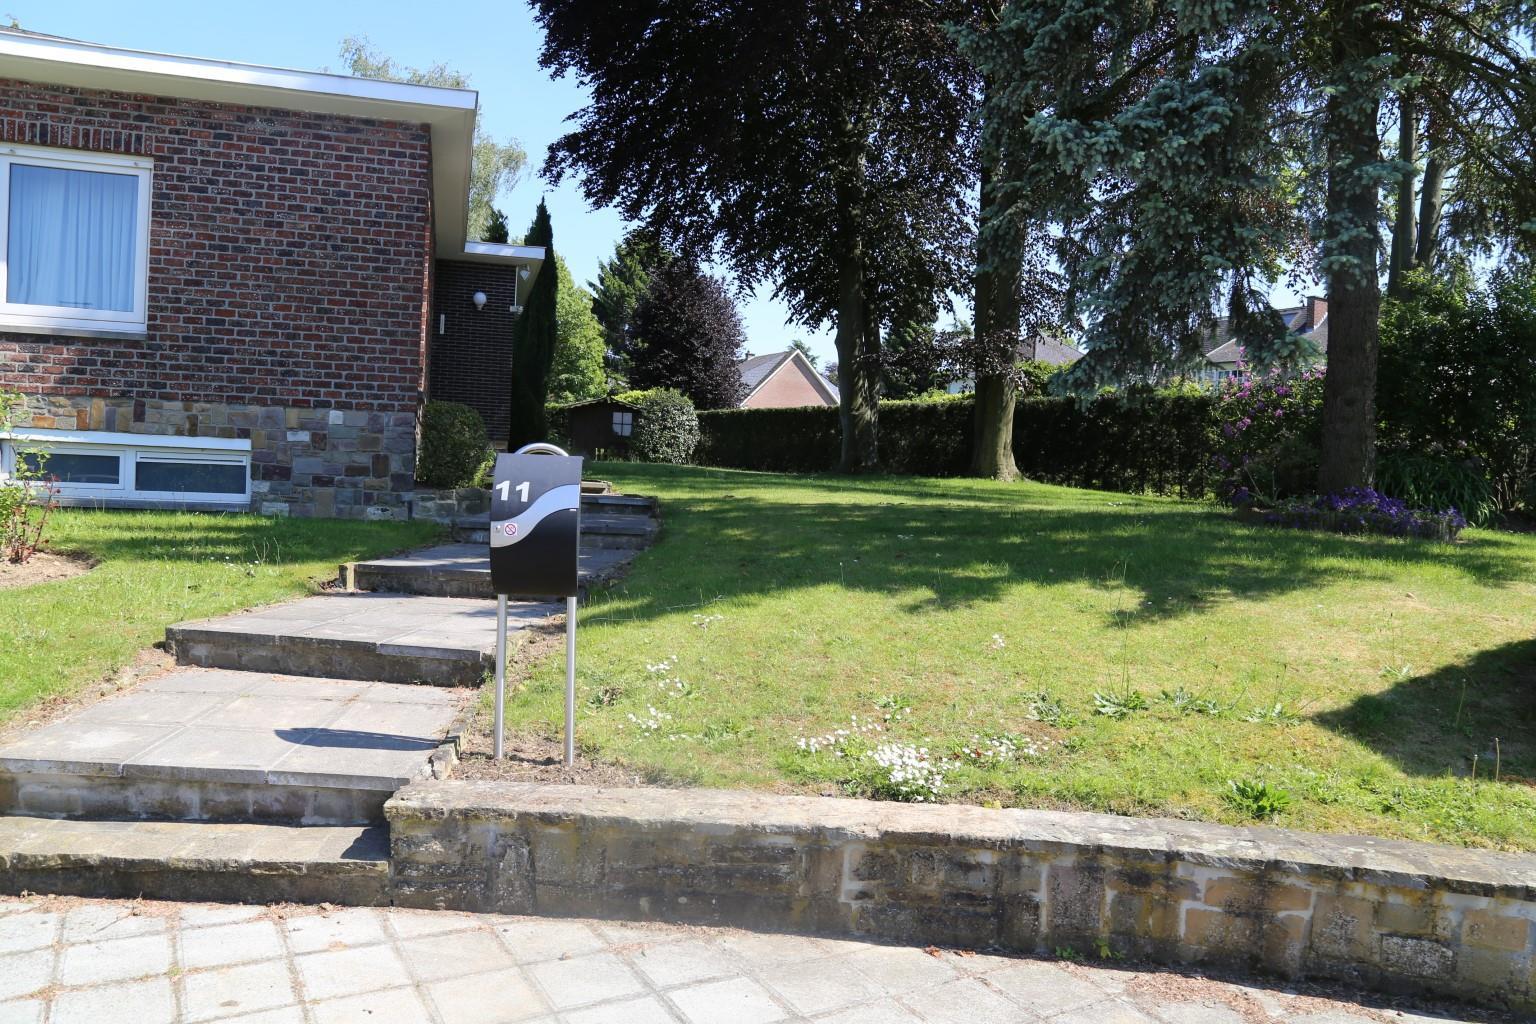 Villa - Tervuren - #2353840-1